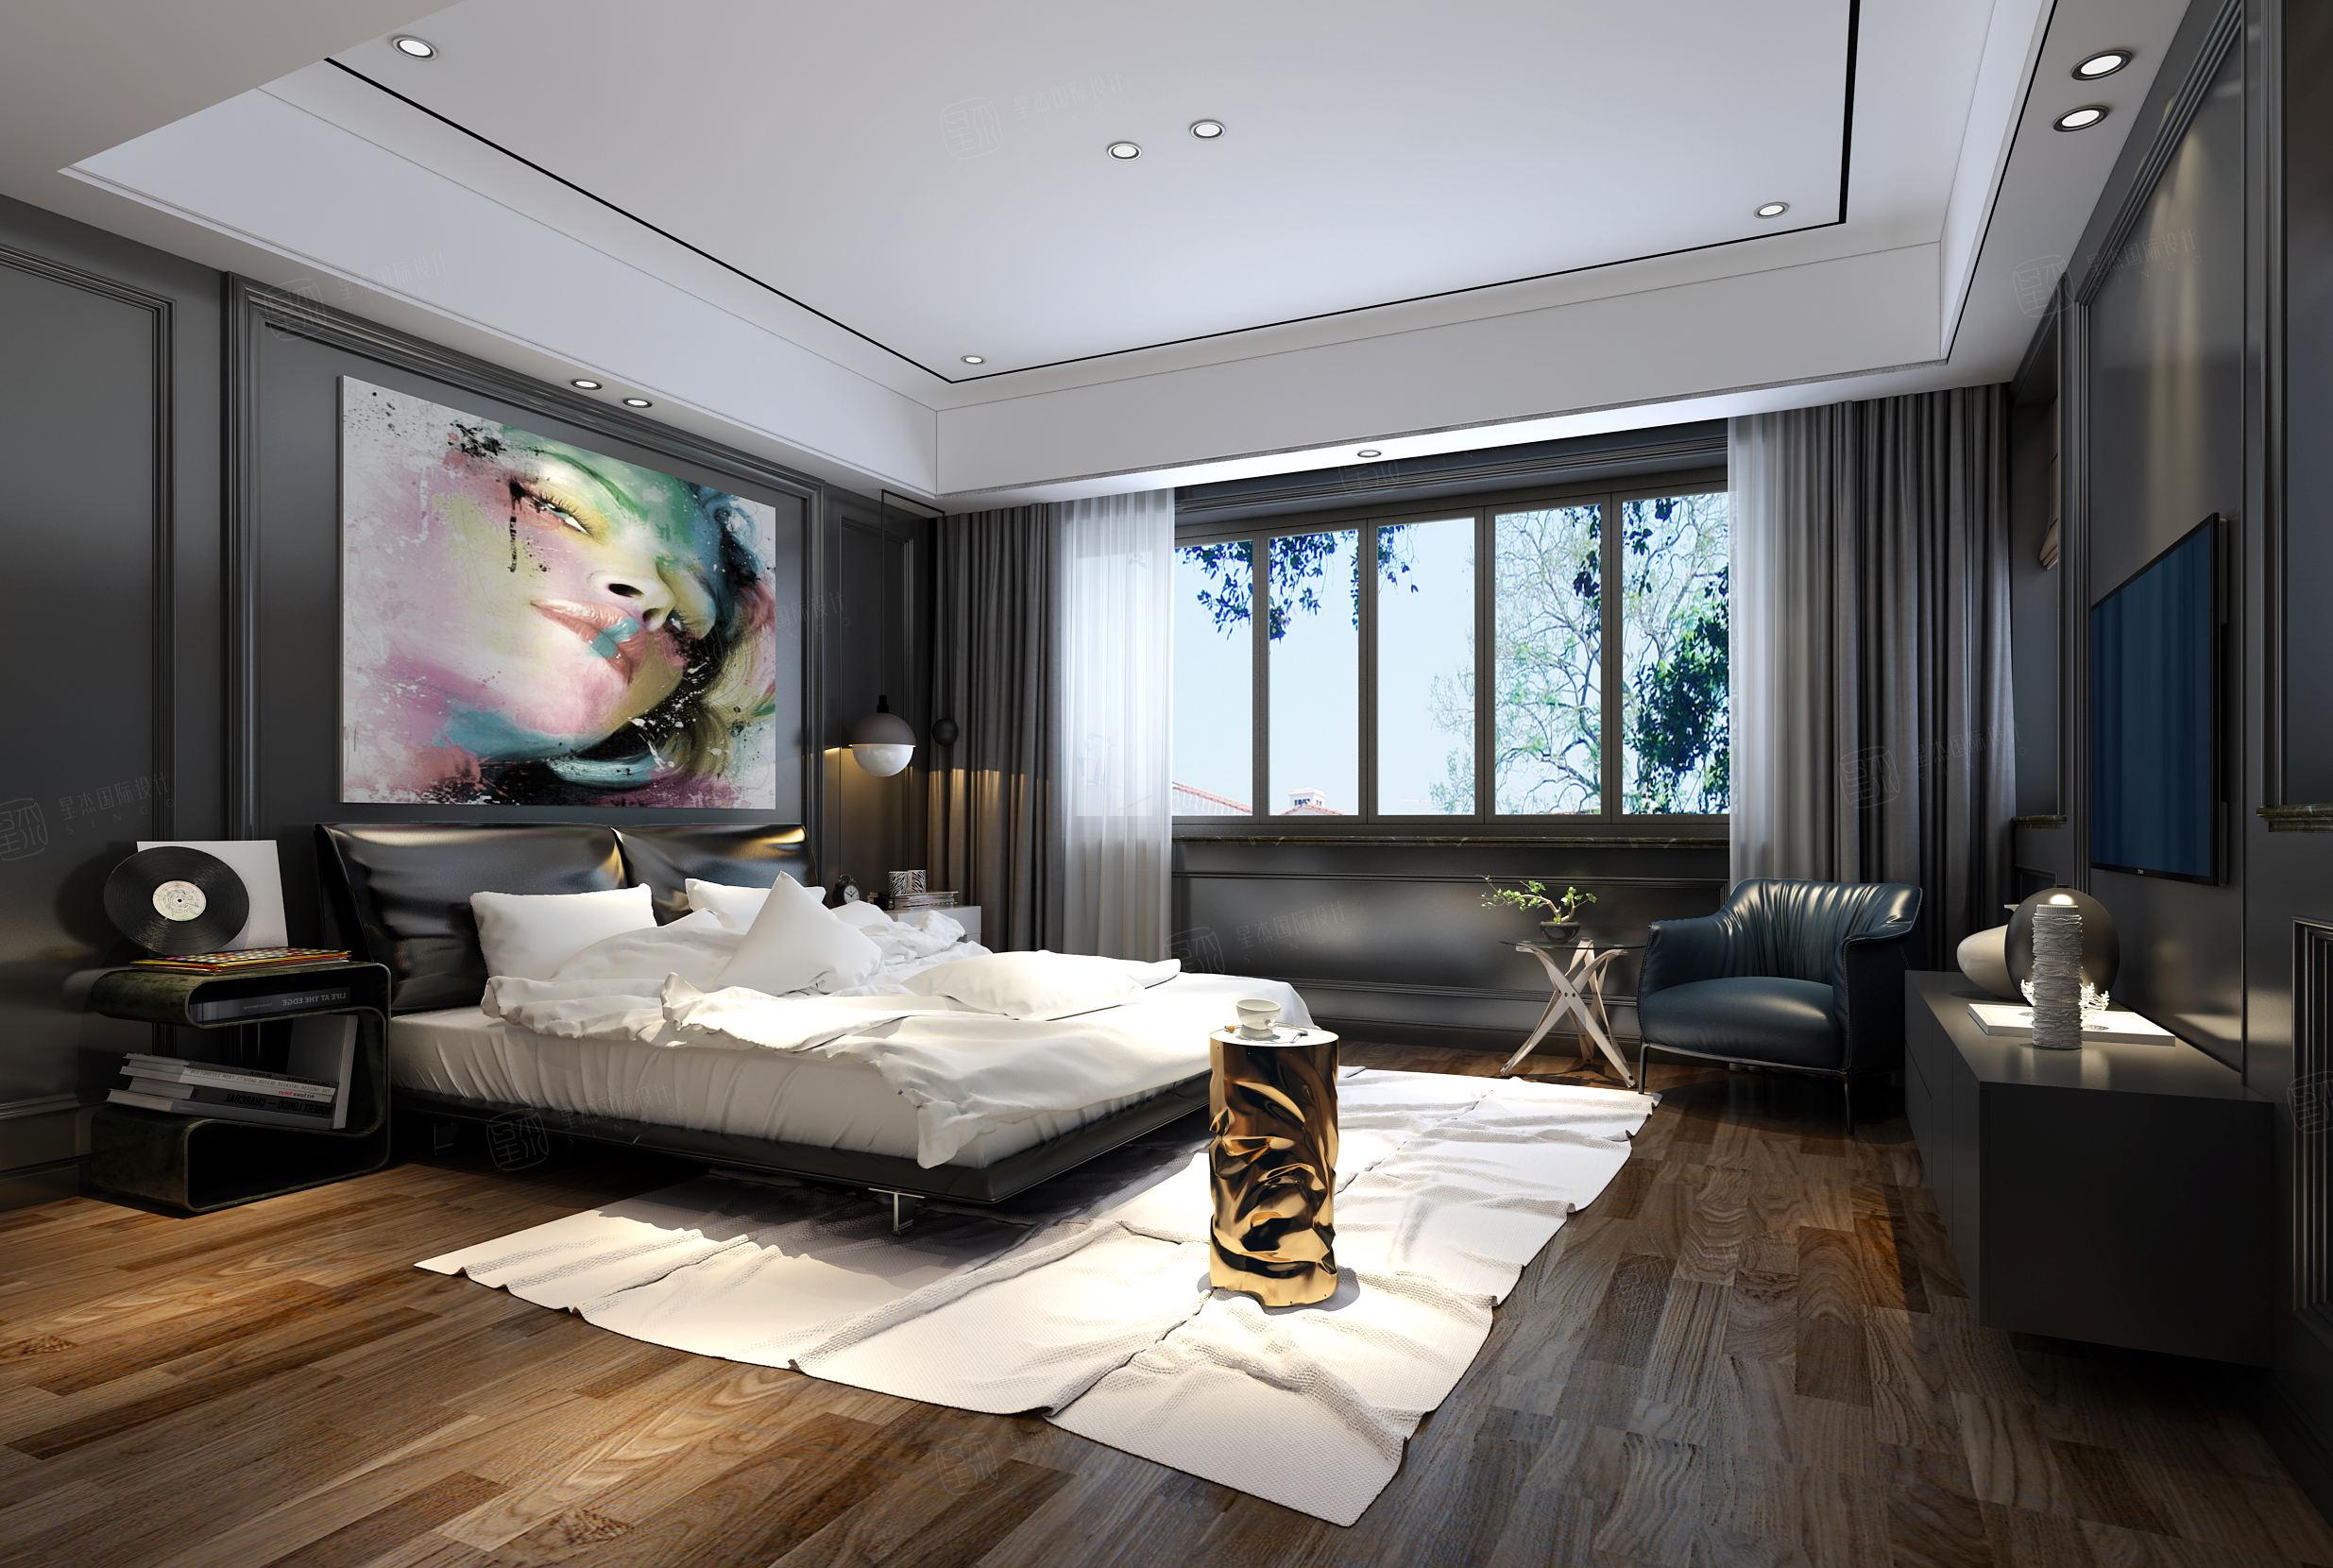 龙湖蓝湖郡 现代欧式装修卧室效果图